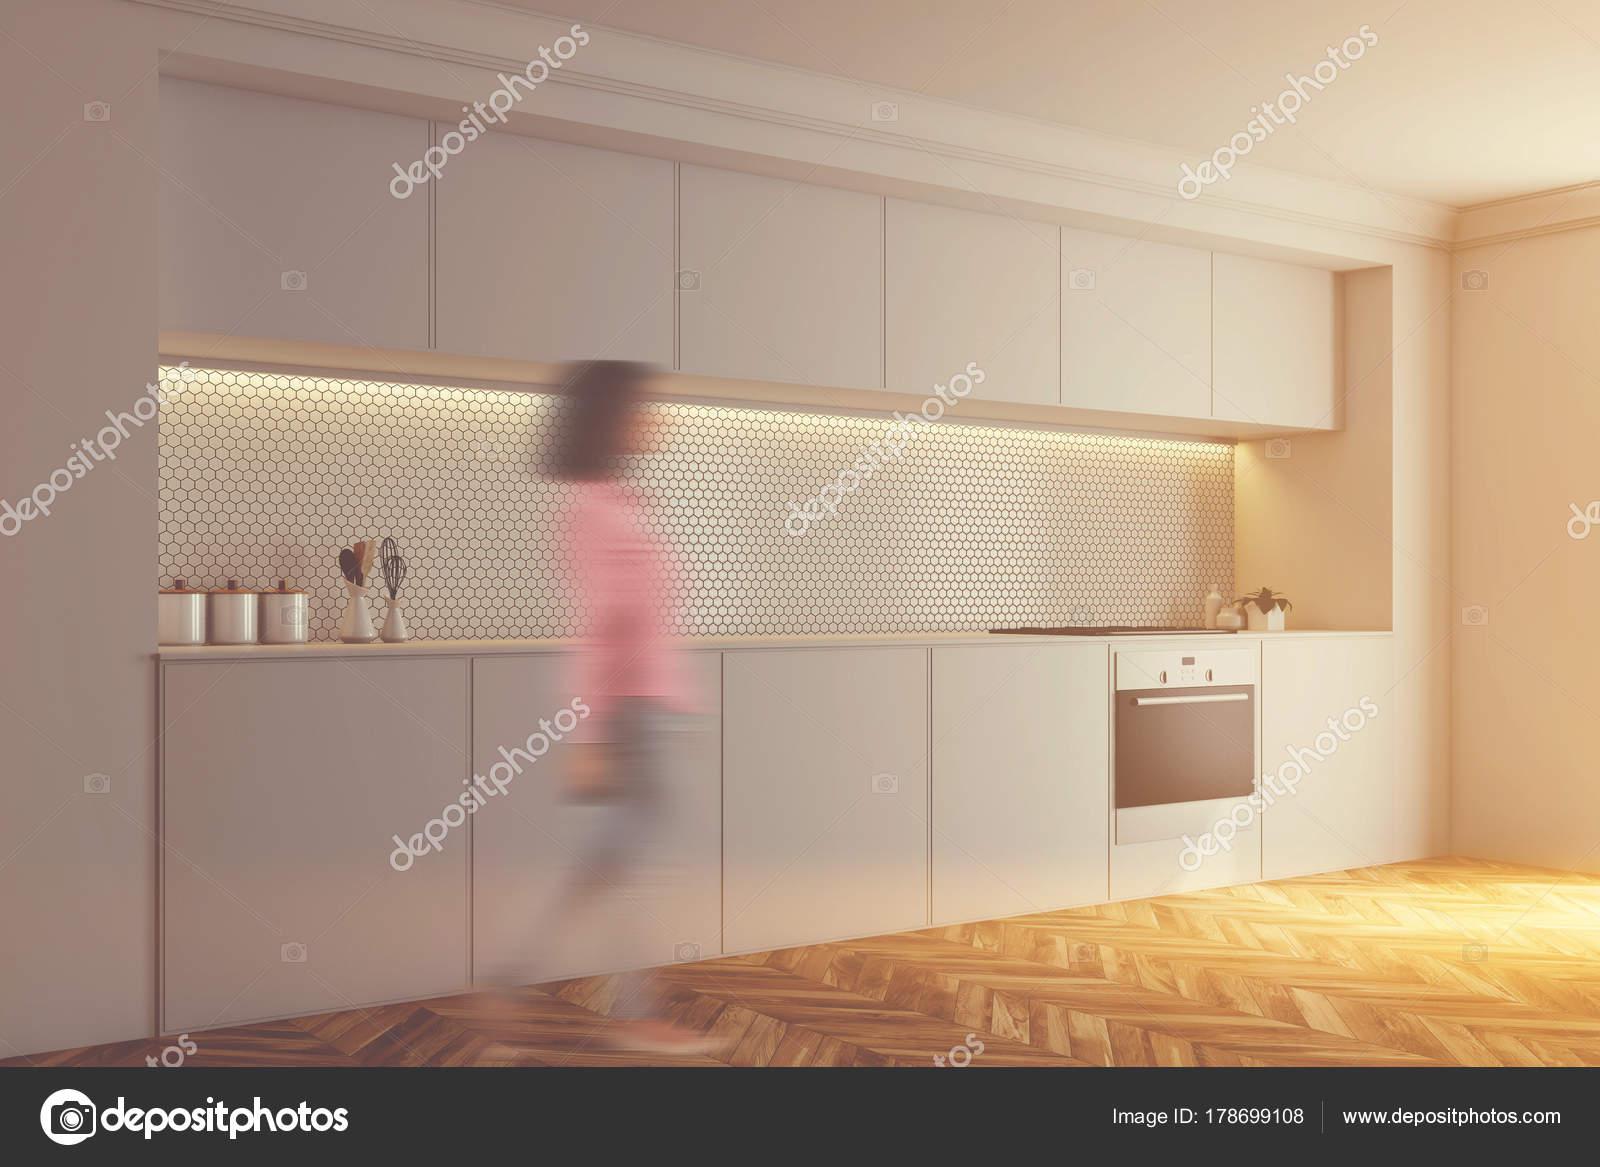 Cucina, forno, lato con piastrelle bianche tonica — Foto Stock ...